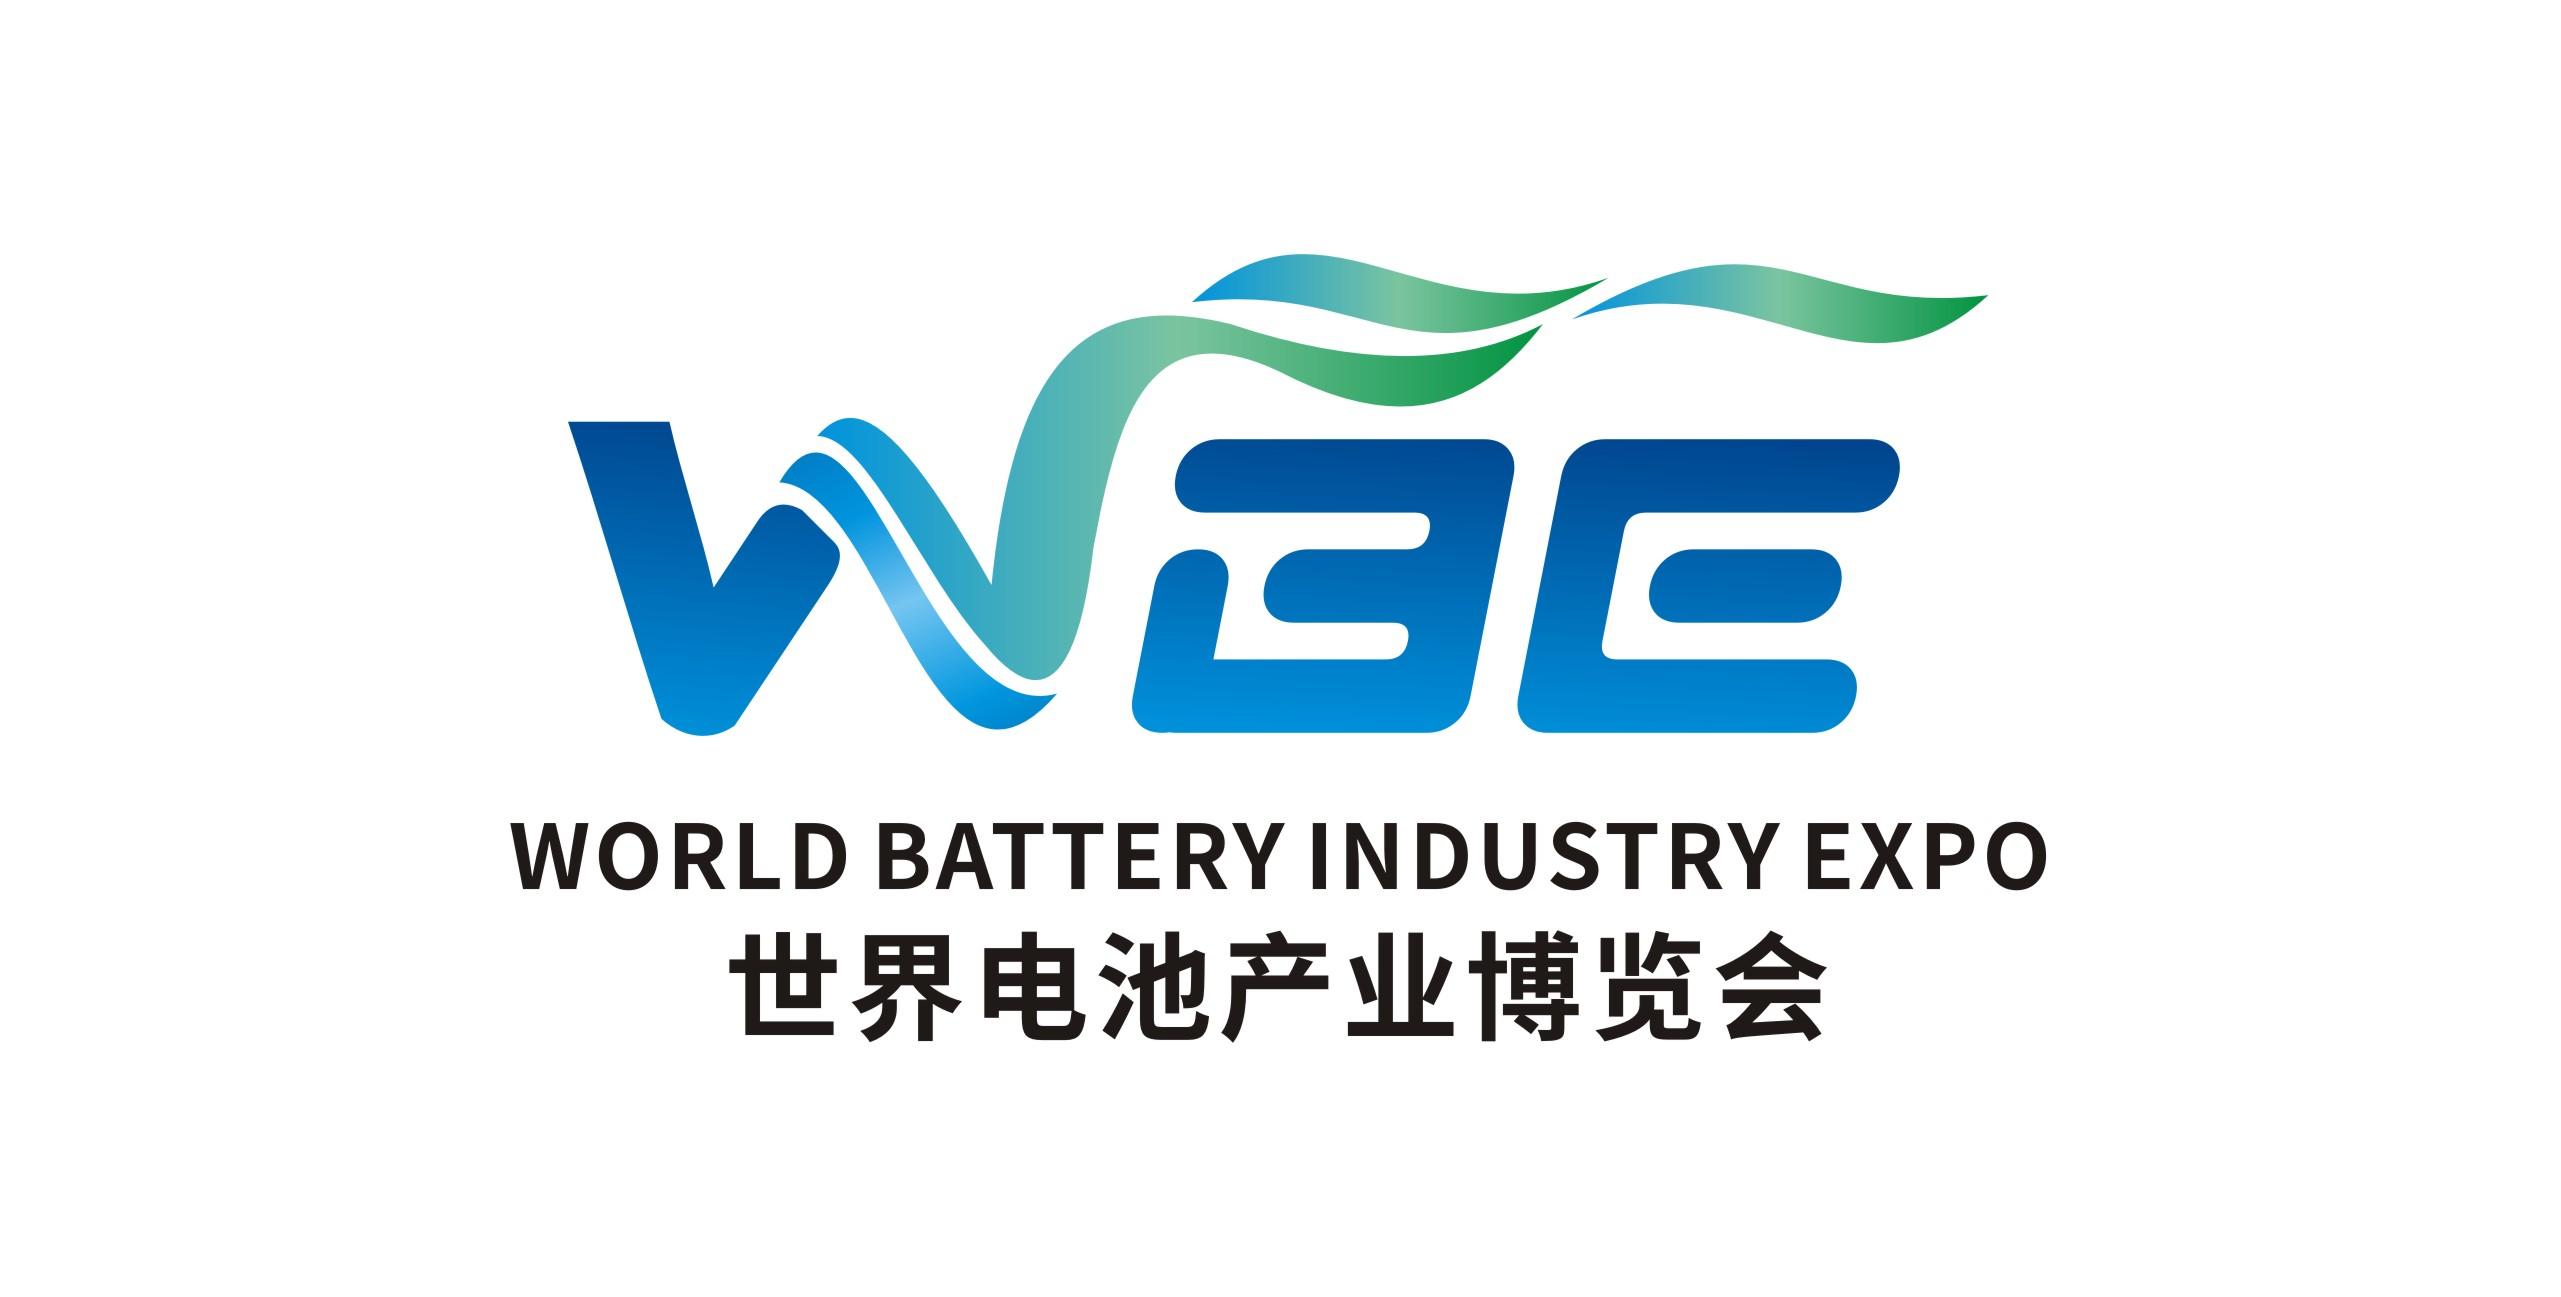 世界电池产业博览会Logo设计征集结果正式揭晓